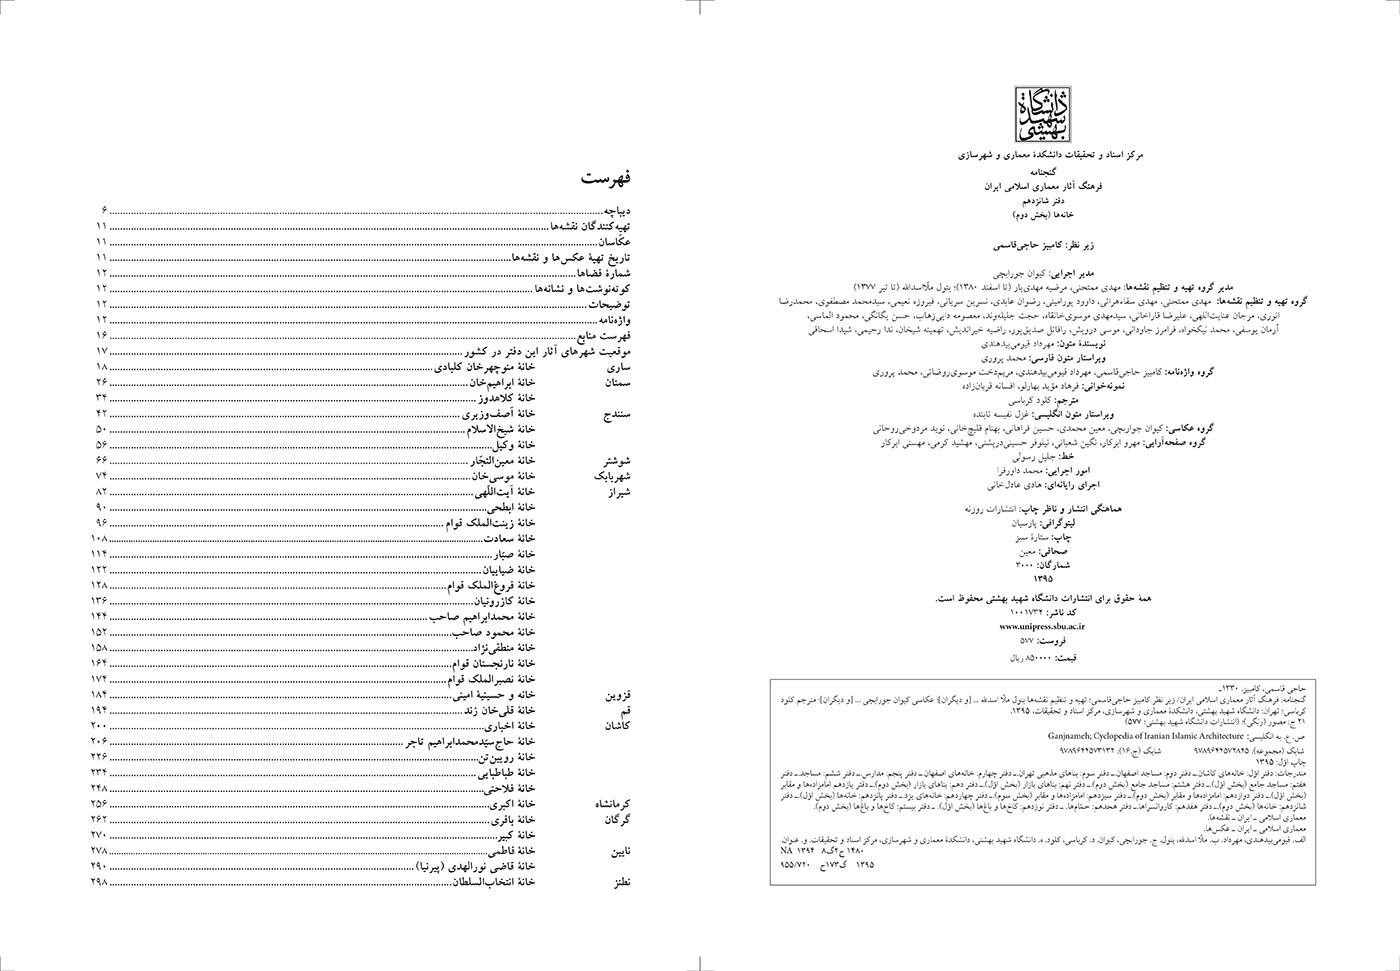 Book-Ganjnameh16- 4.jpg